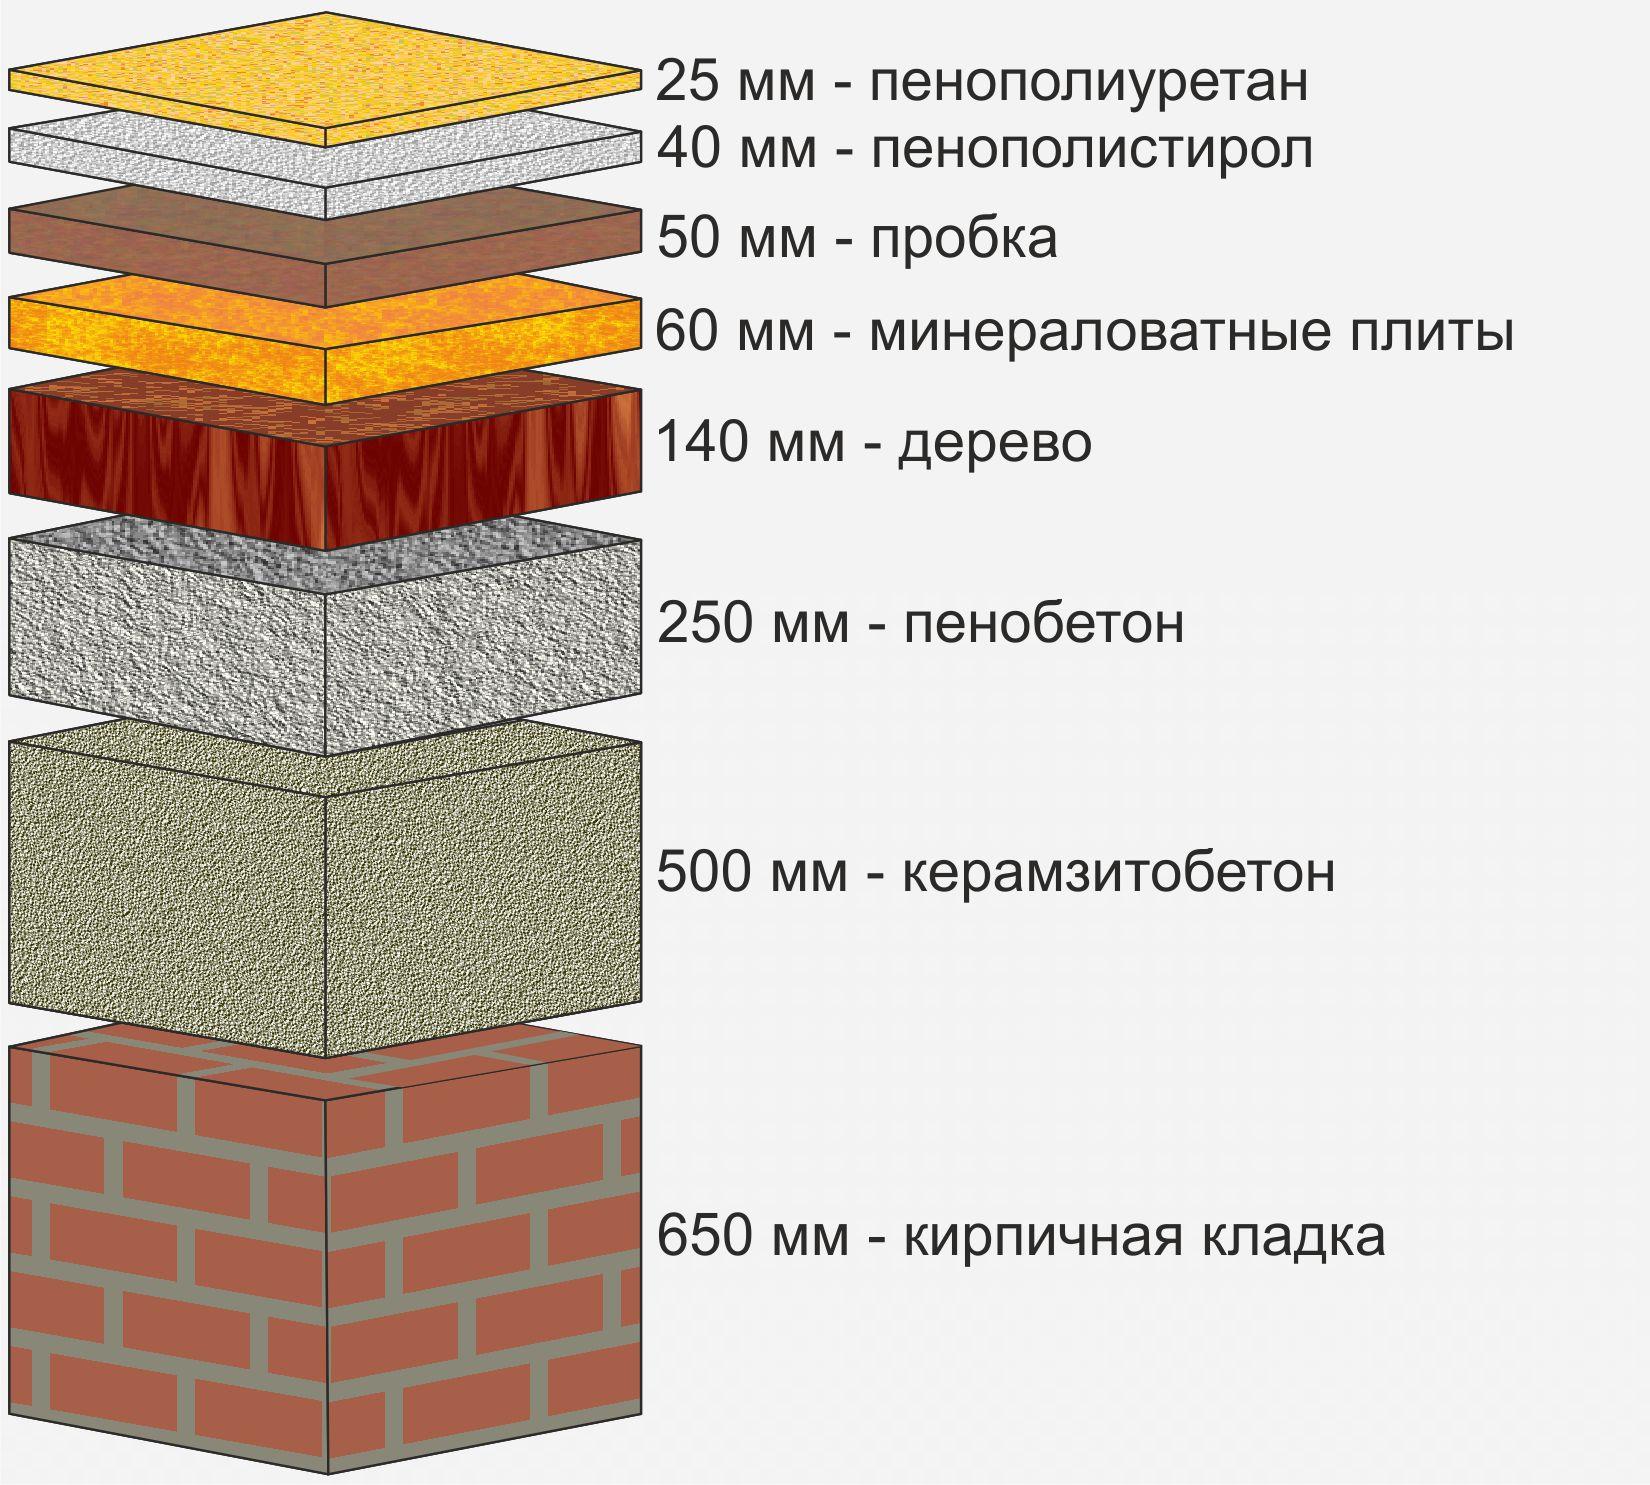 Сравнение теплоизоляции из пенополиуретана с другими материалами